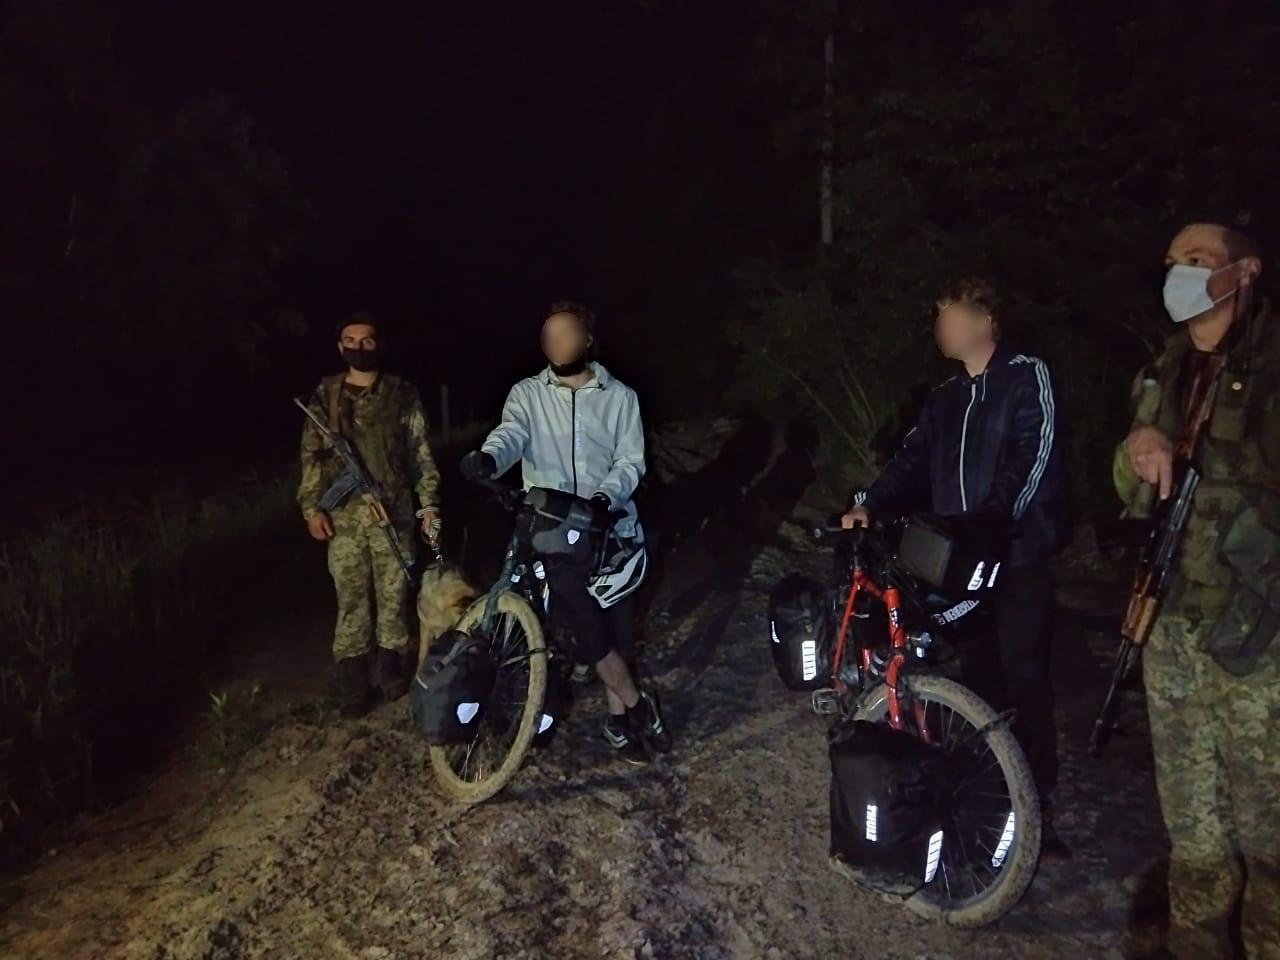 Двоє велосипедистів з Німеччини незаконно перетнули кордон, бо думали, що Україна в ЄС